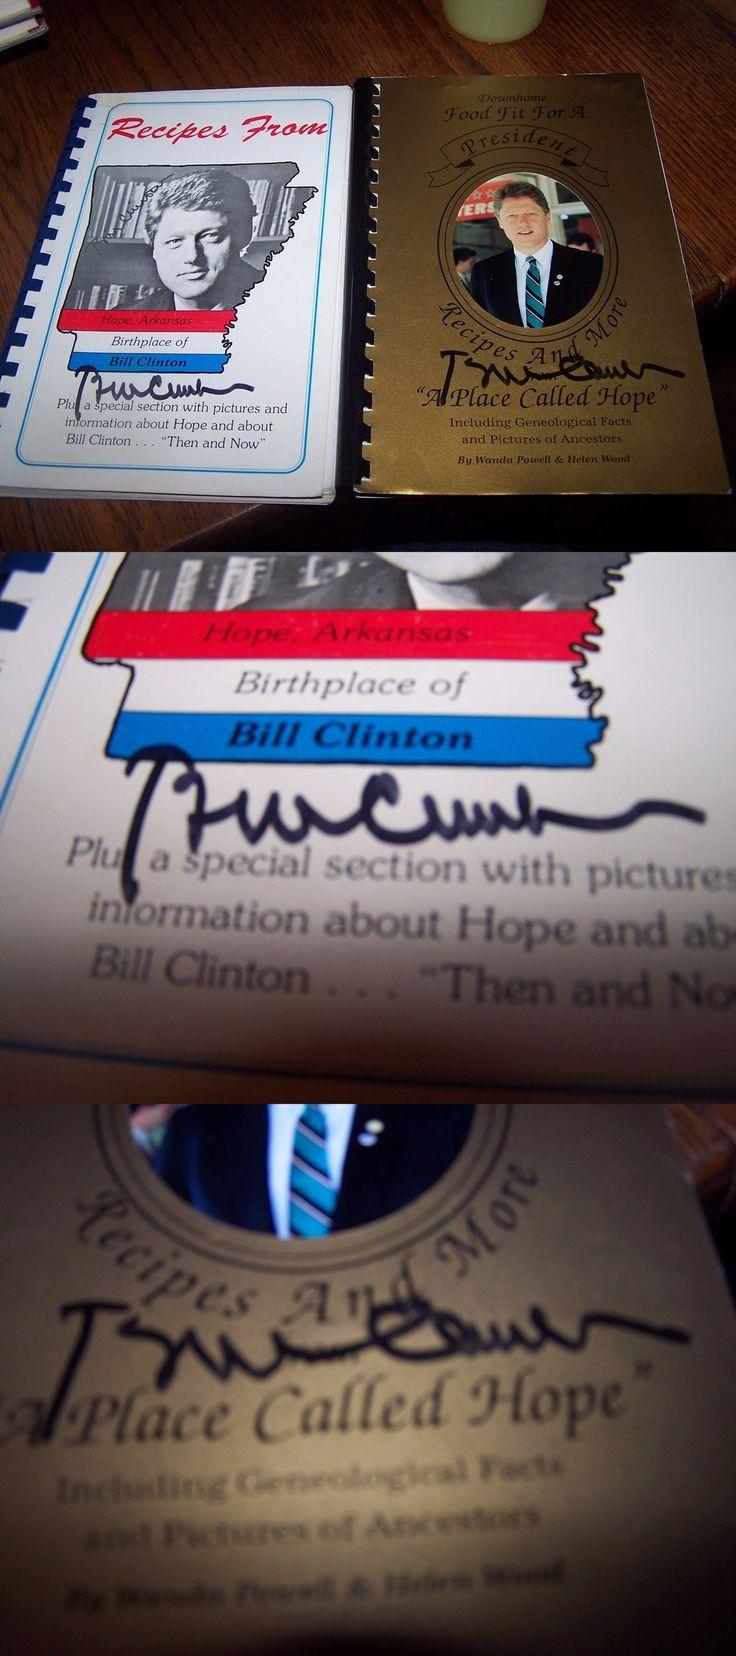 Bill clinton signed bill clinton cookbook recipes from hope arkansas buy it